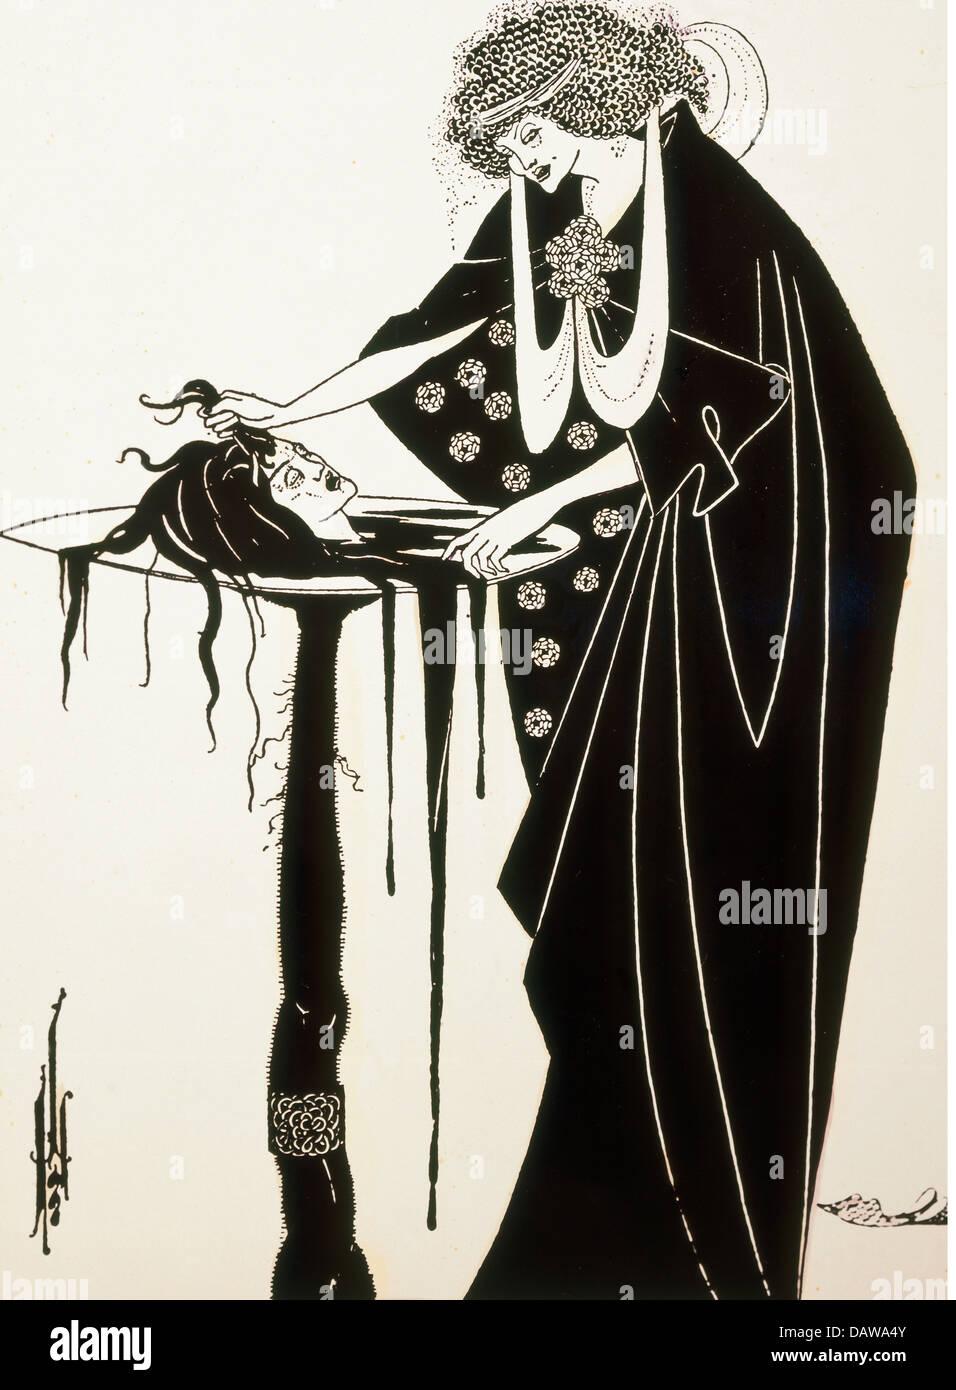 """Bildende Kunst, Beardsley, Aubrey (1872-1898), print, Illustration für das Spiel """"Salome"""" von Oscar Stockbild"""